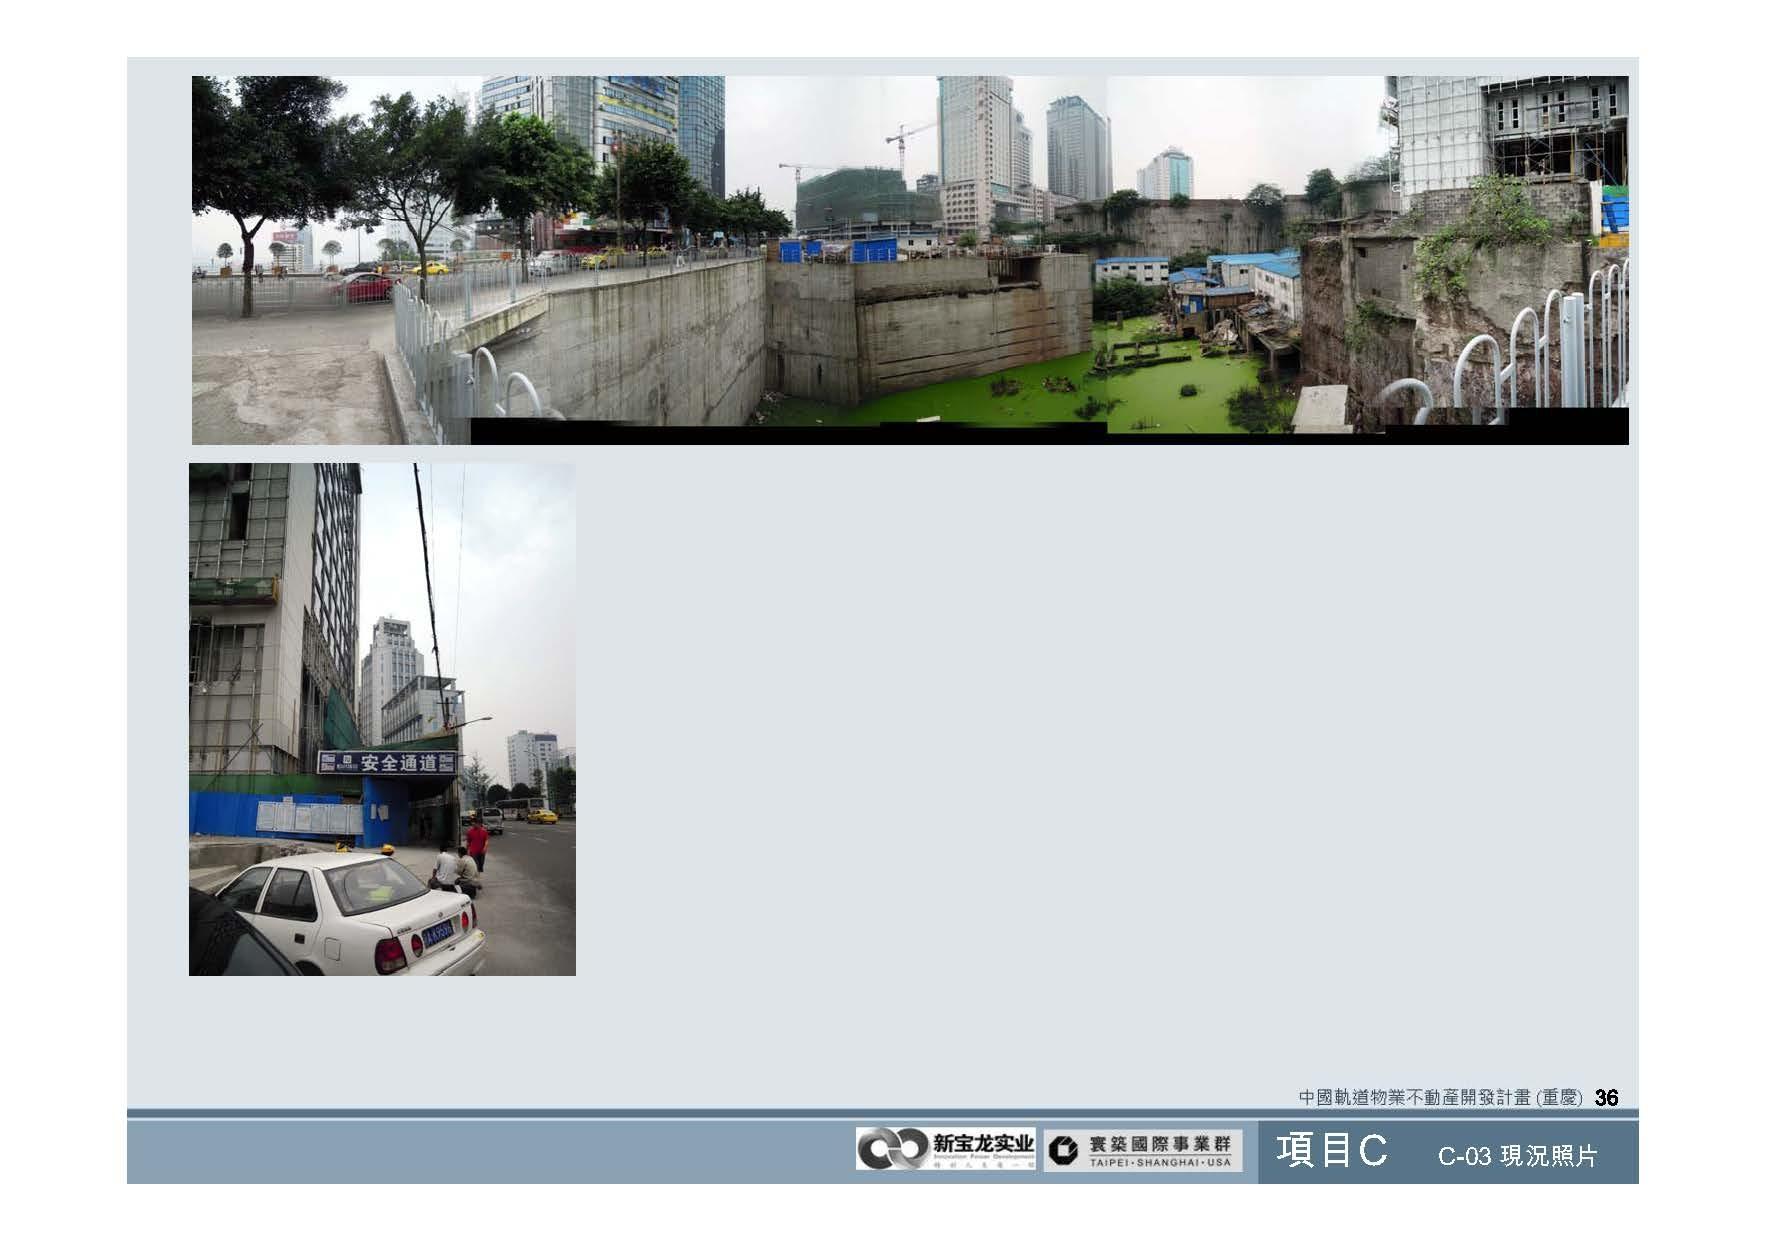 20100812-中國軌道物業不動產開發計畫(重慶)_頁面_37